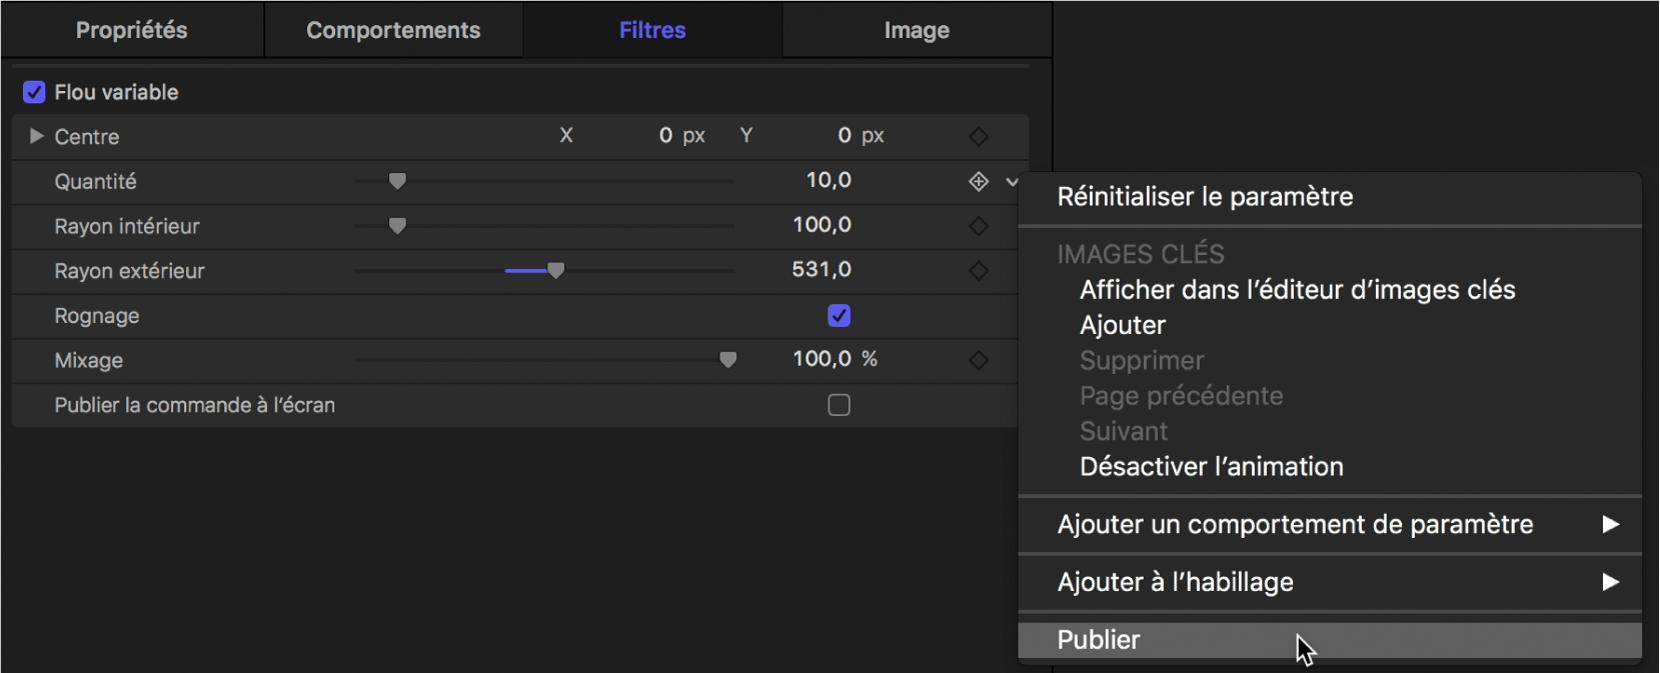 Sélection de Publier dans le menu Animation du paramètre Déformer